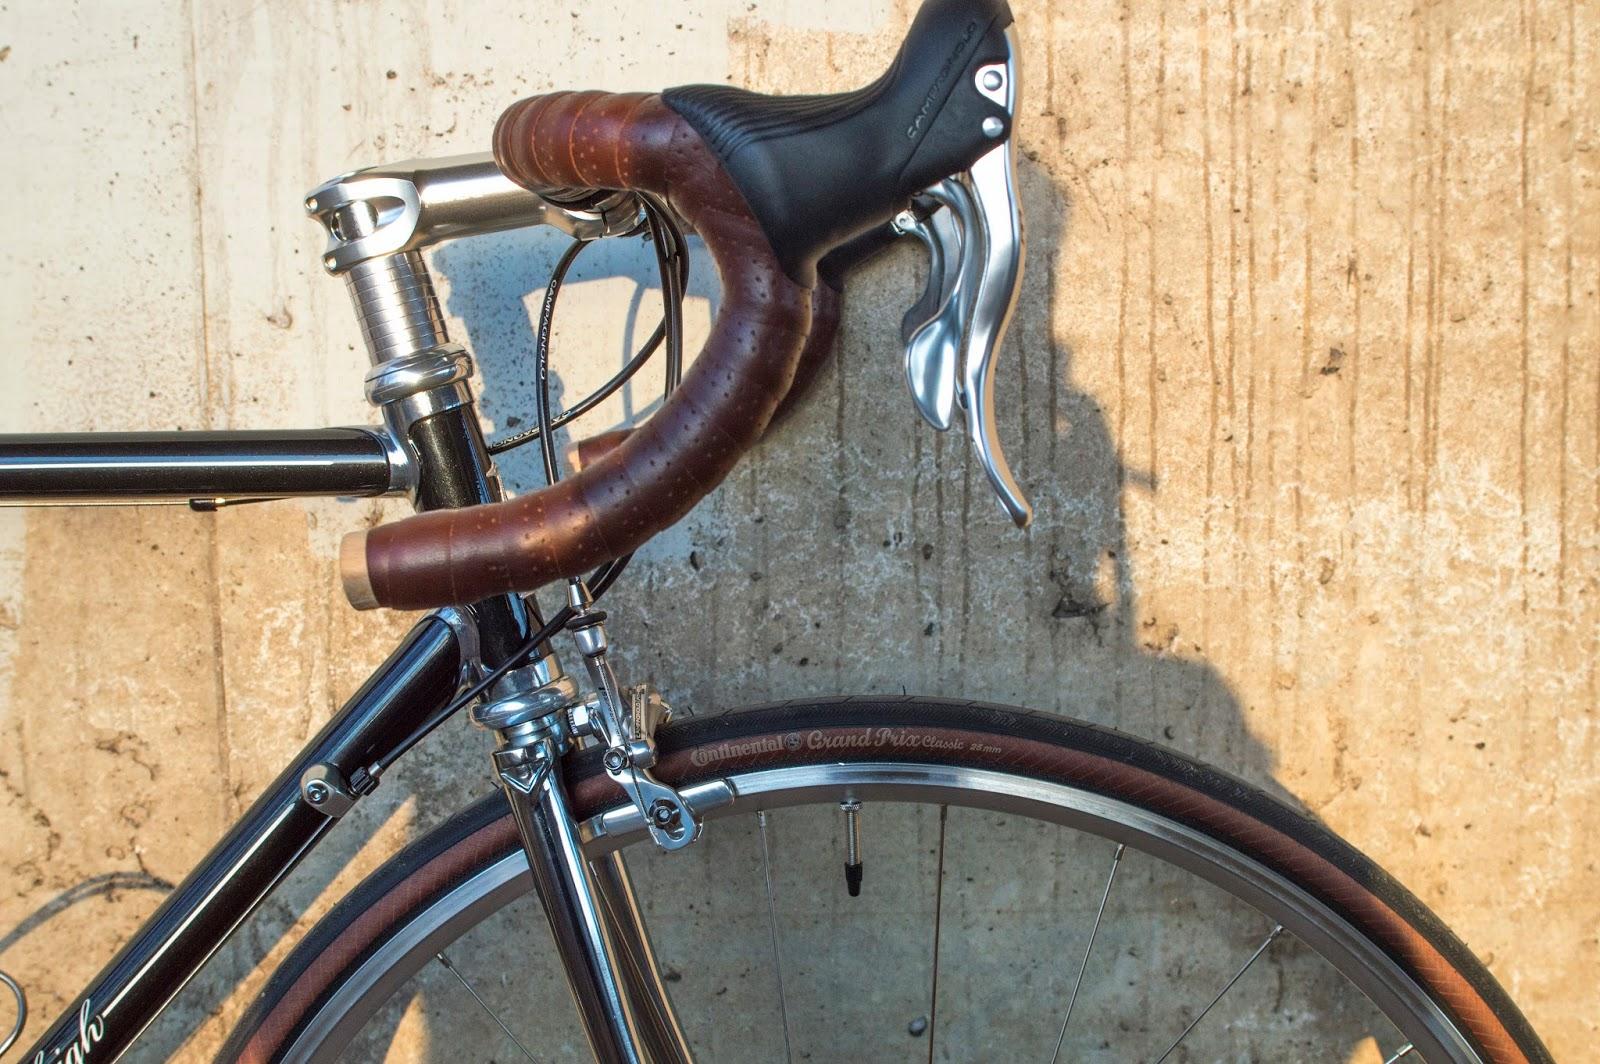 My Raleigh International Build Pedalbound